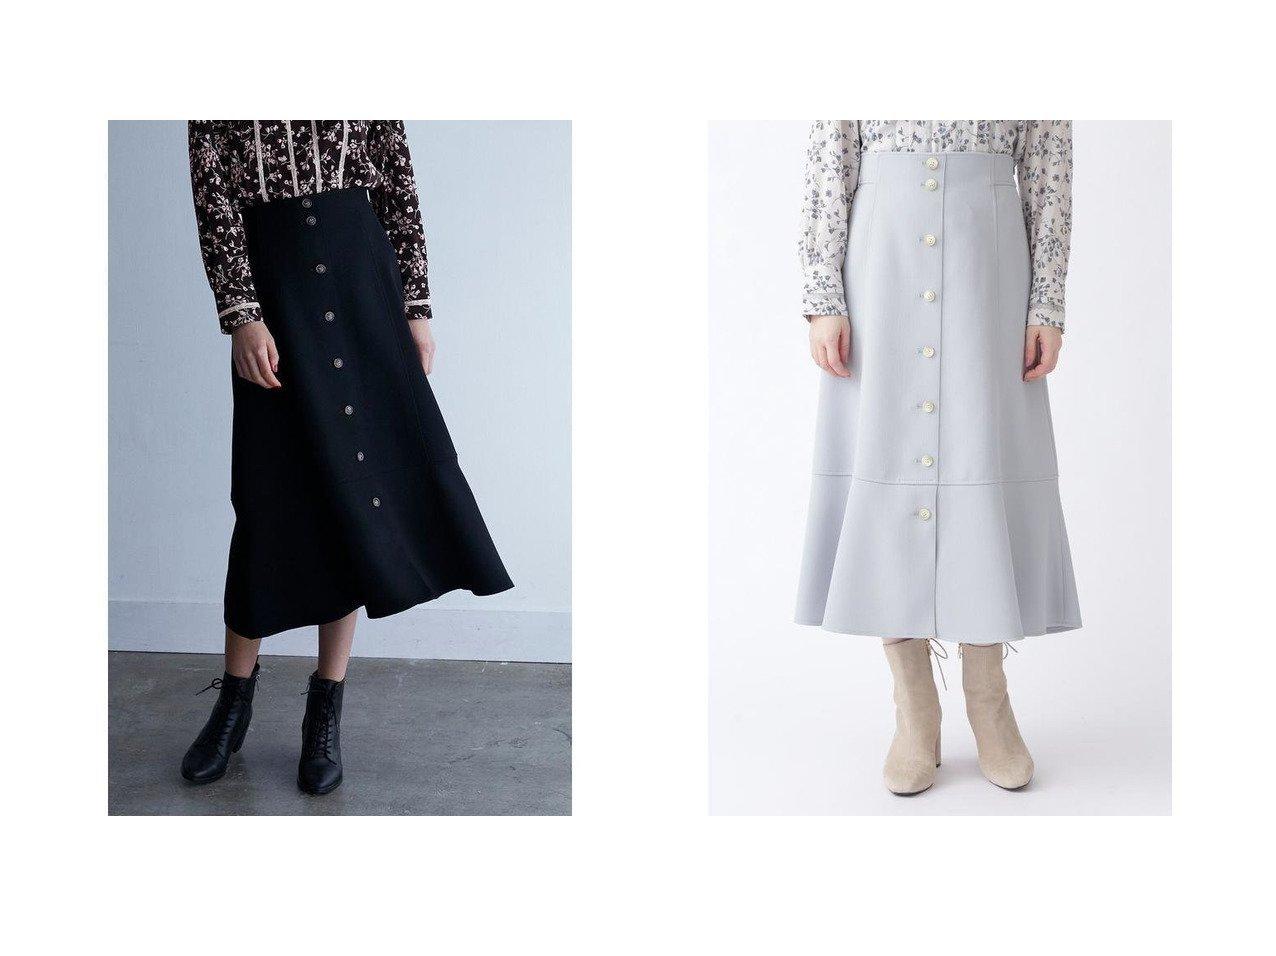 【JILLSTUART/ジルスチュアート】のチコスカート スカートのおすすめ!人気トレンド・レディースファッションの通販 おすすめで人気の流行・トレンド、ファッションの通販商品 メンズファッション・キッズファッション・インテリア・家具・レディースファッション・服の通販 founy(ファニー) https://founy.com/ ファッション Fashion レディースファッション WOMEN スカート Skirt フレア フロント プリント  ID:crp329100000008532